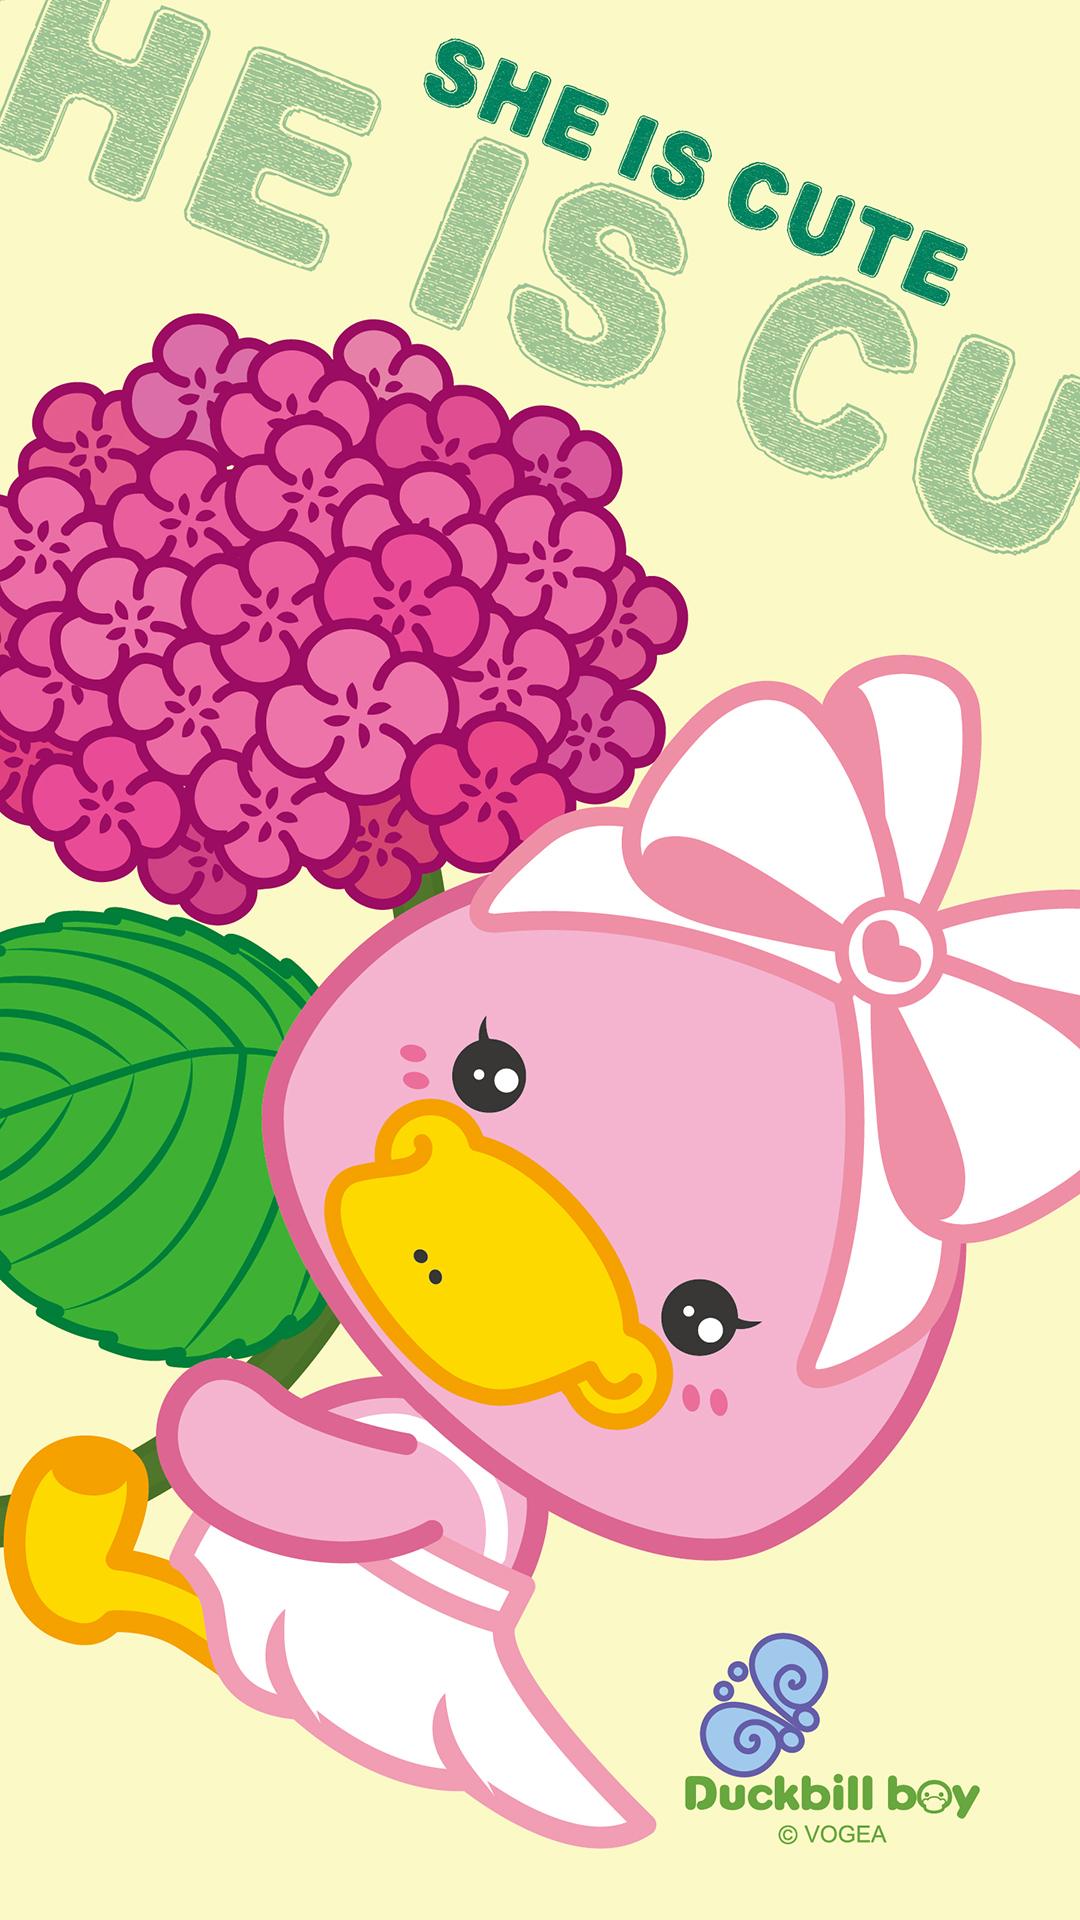 鸭嘴兽宝贝六一儿童节卡通手机壁纸